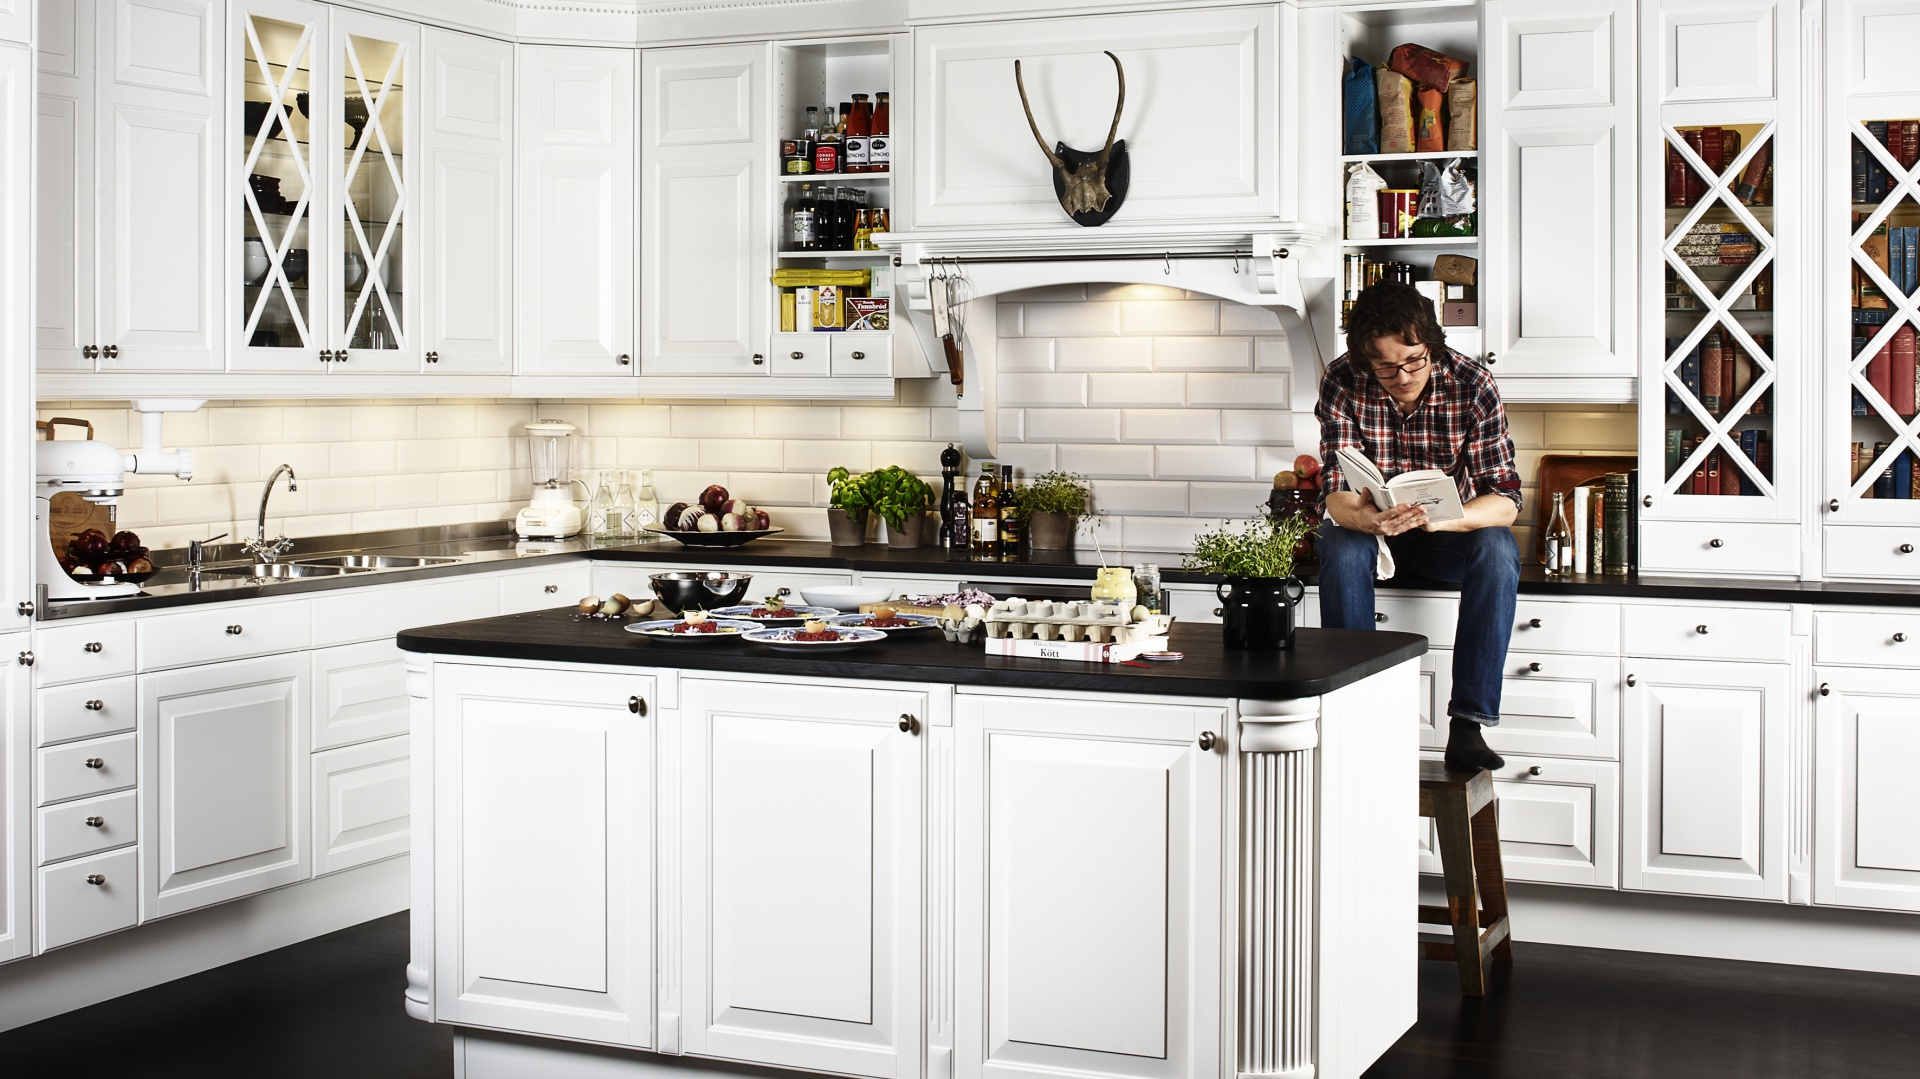 Biała Kuchnia 15 Najciekawszych Aranżacji W Klasycznym Stylu